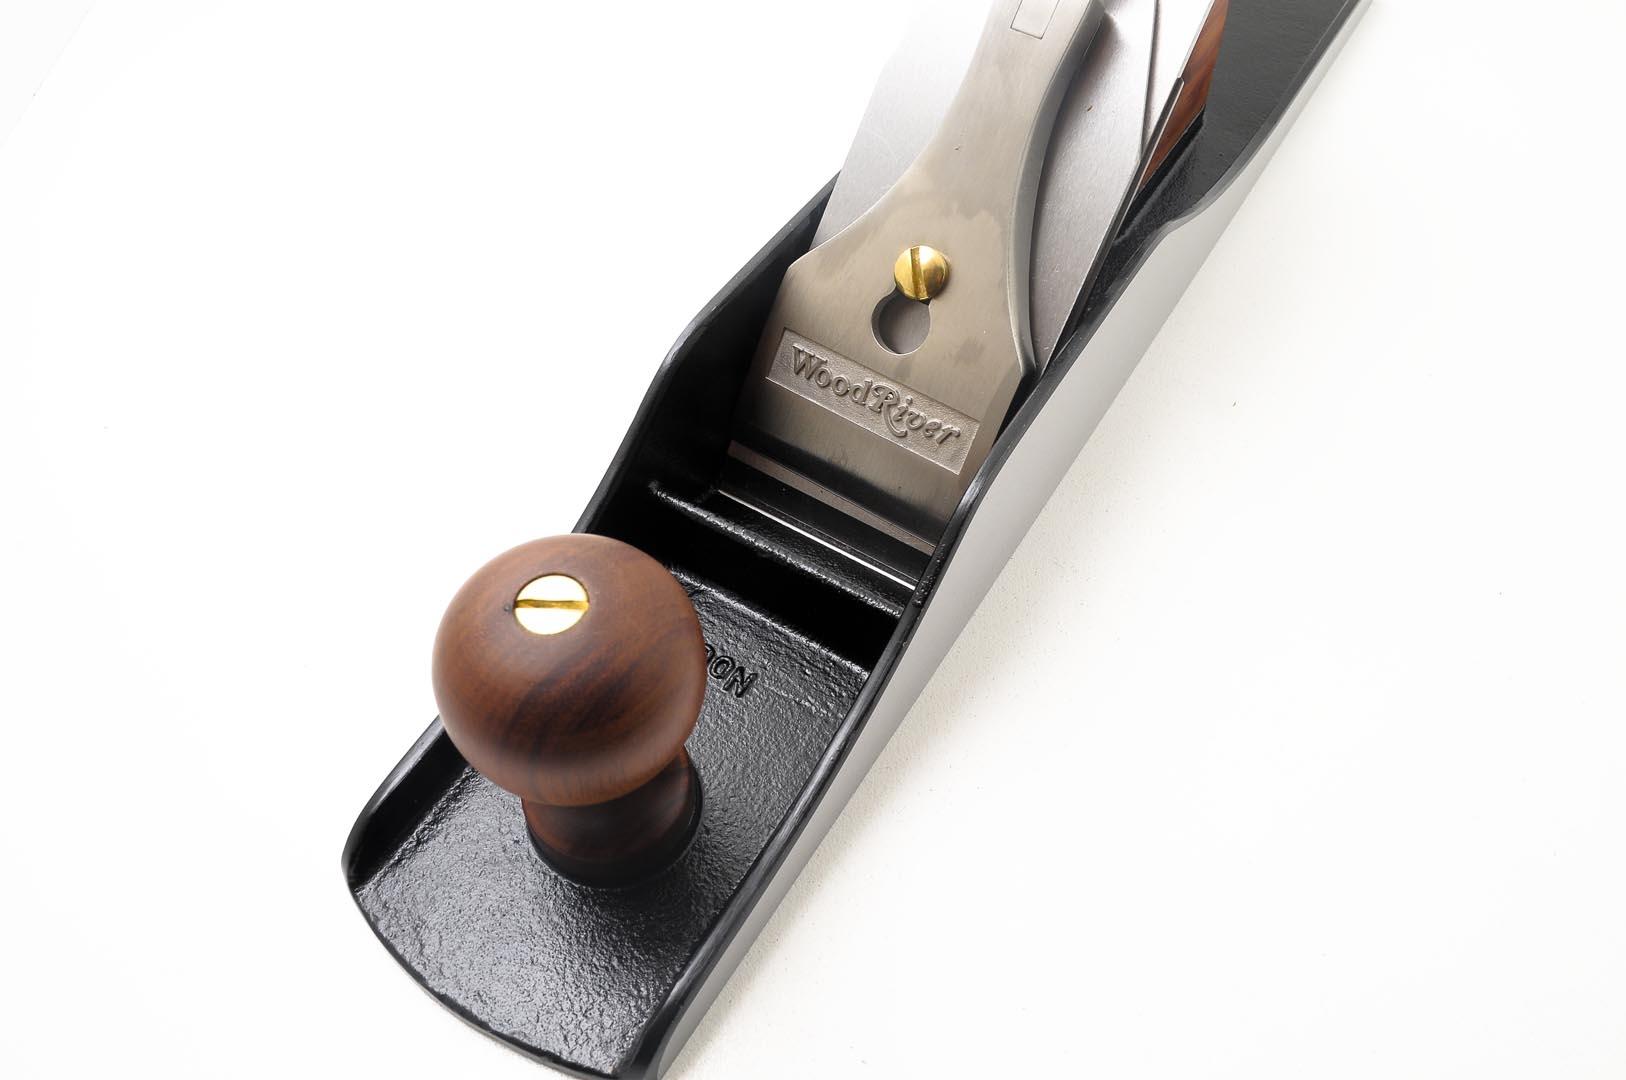 150876-Cepillo 6 bedrock garlopa para madera fina WoodRiver 150876-max-5.